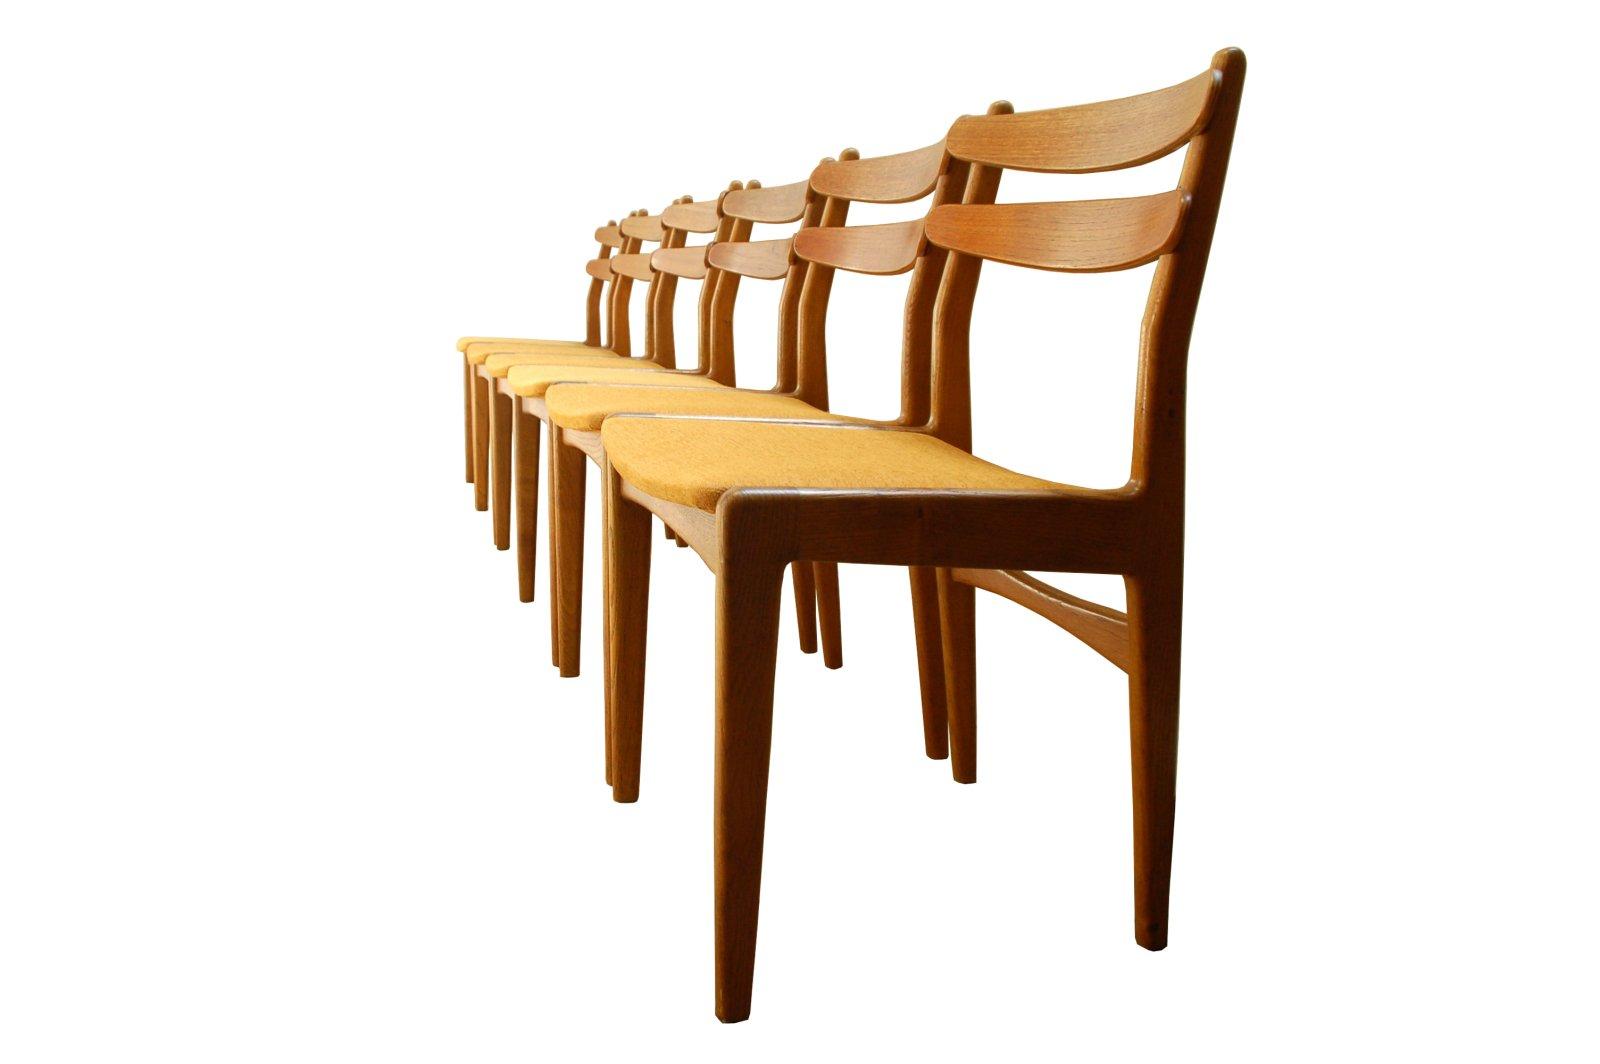 d nische teak esszimmerst hle 6er set bei pamono kaufen. Black Bedroom Furniture Sets. Home Design Ideas